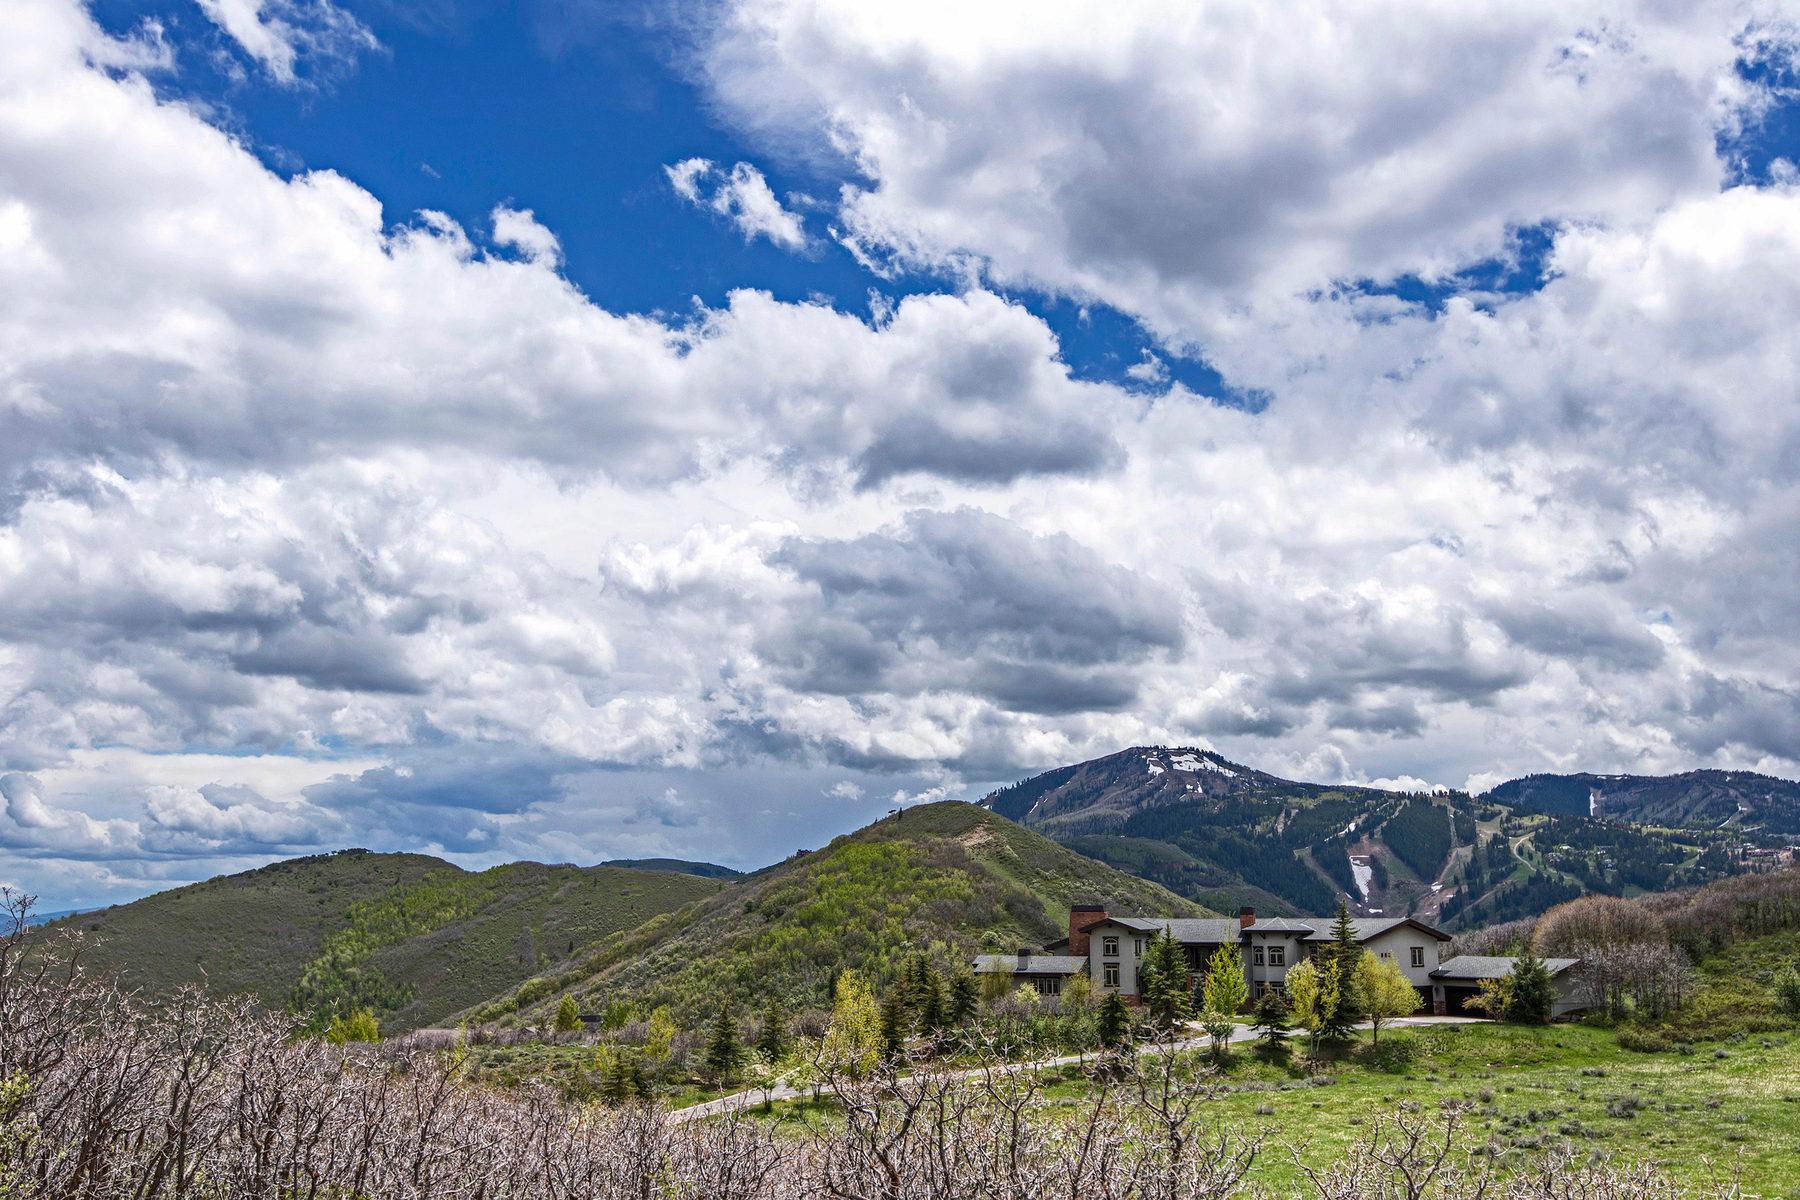 Terreno por un Venta en Deer Valley Estate Lot 3733 Rising Star Ln Lot 3 Park City, Utah 84060 Estados Unidos